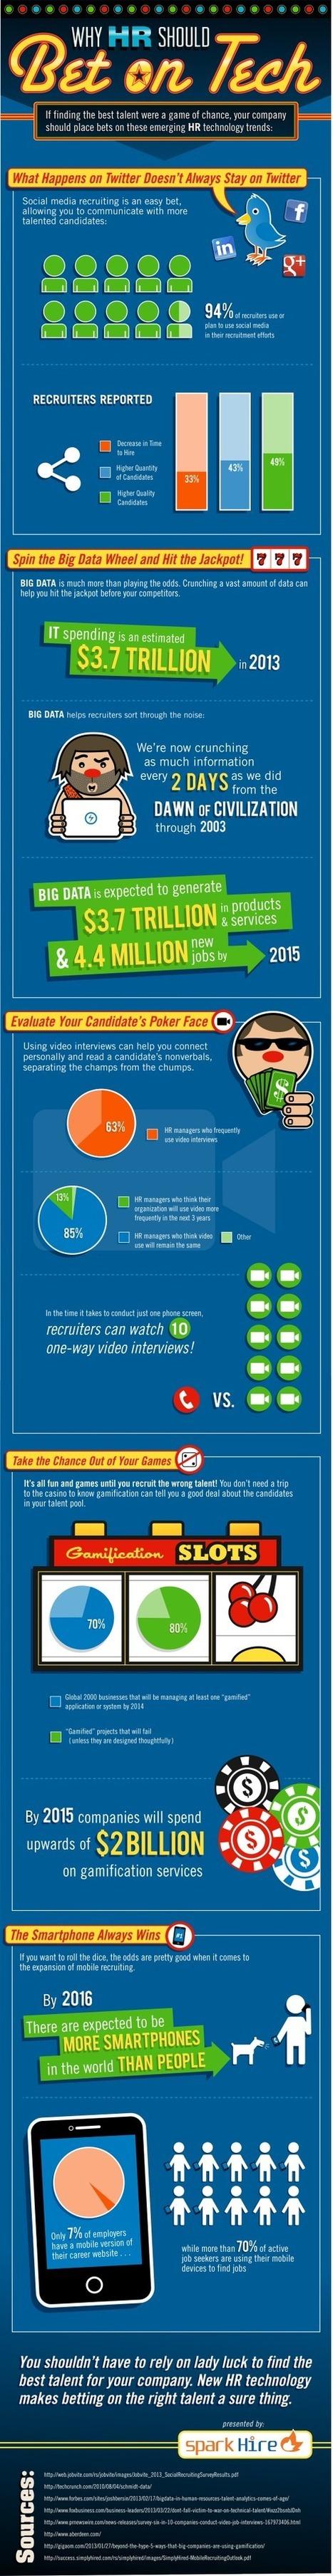 Pourquoi les recruteurs devraient parier sur la technologie ? | Geeks | Scoop.it